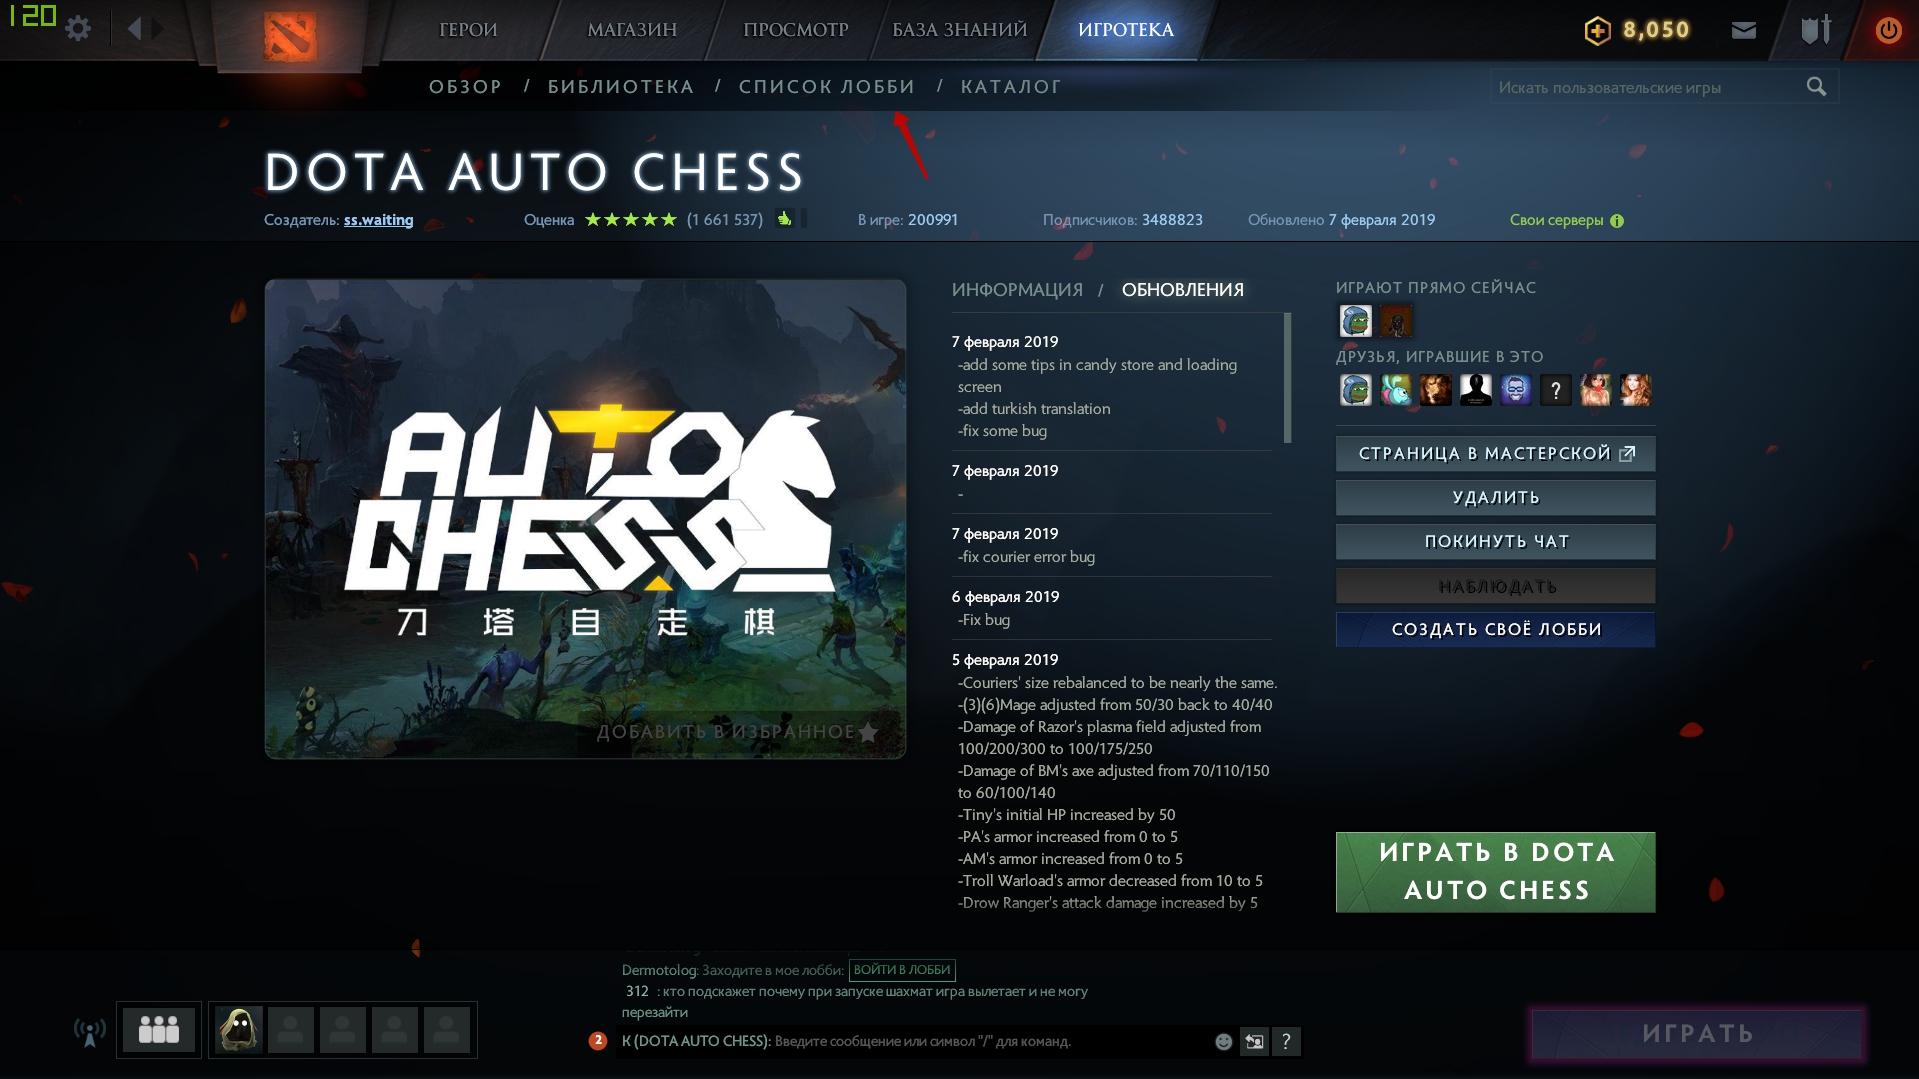 dota auto chess список лобби